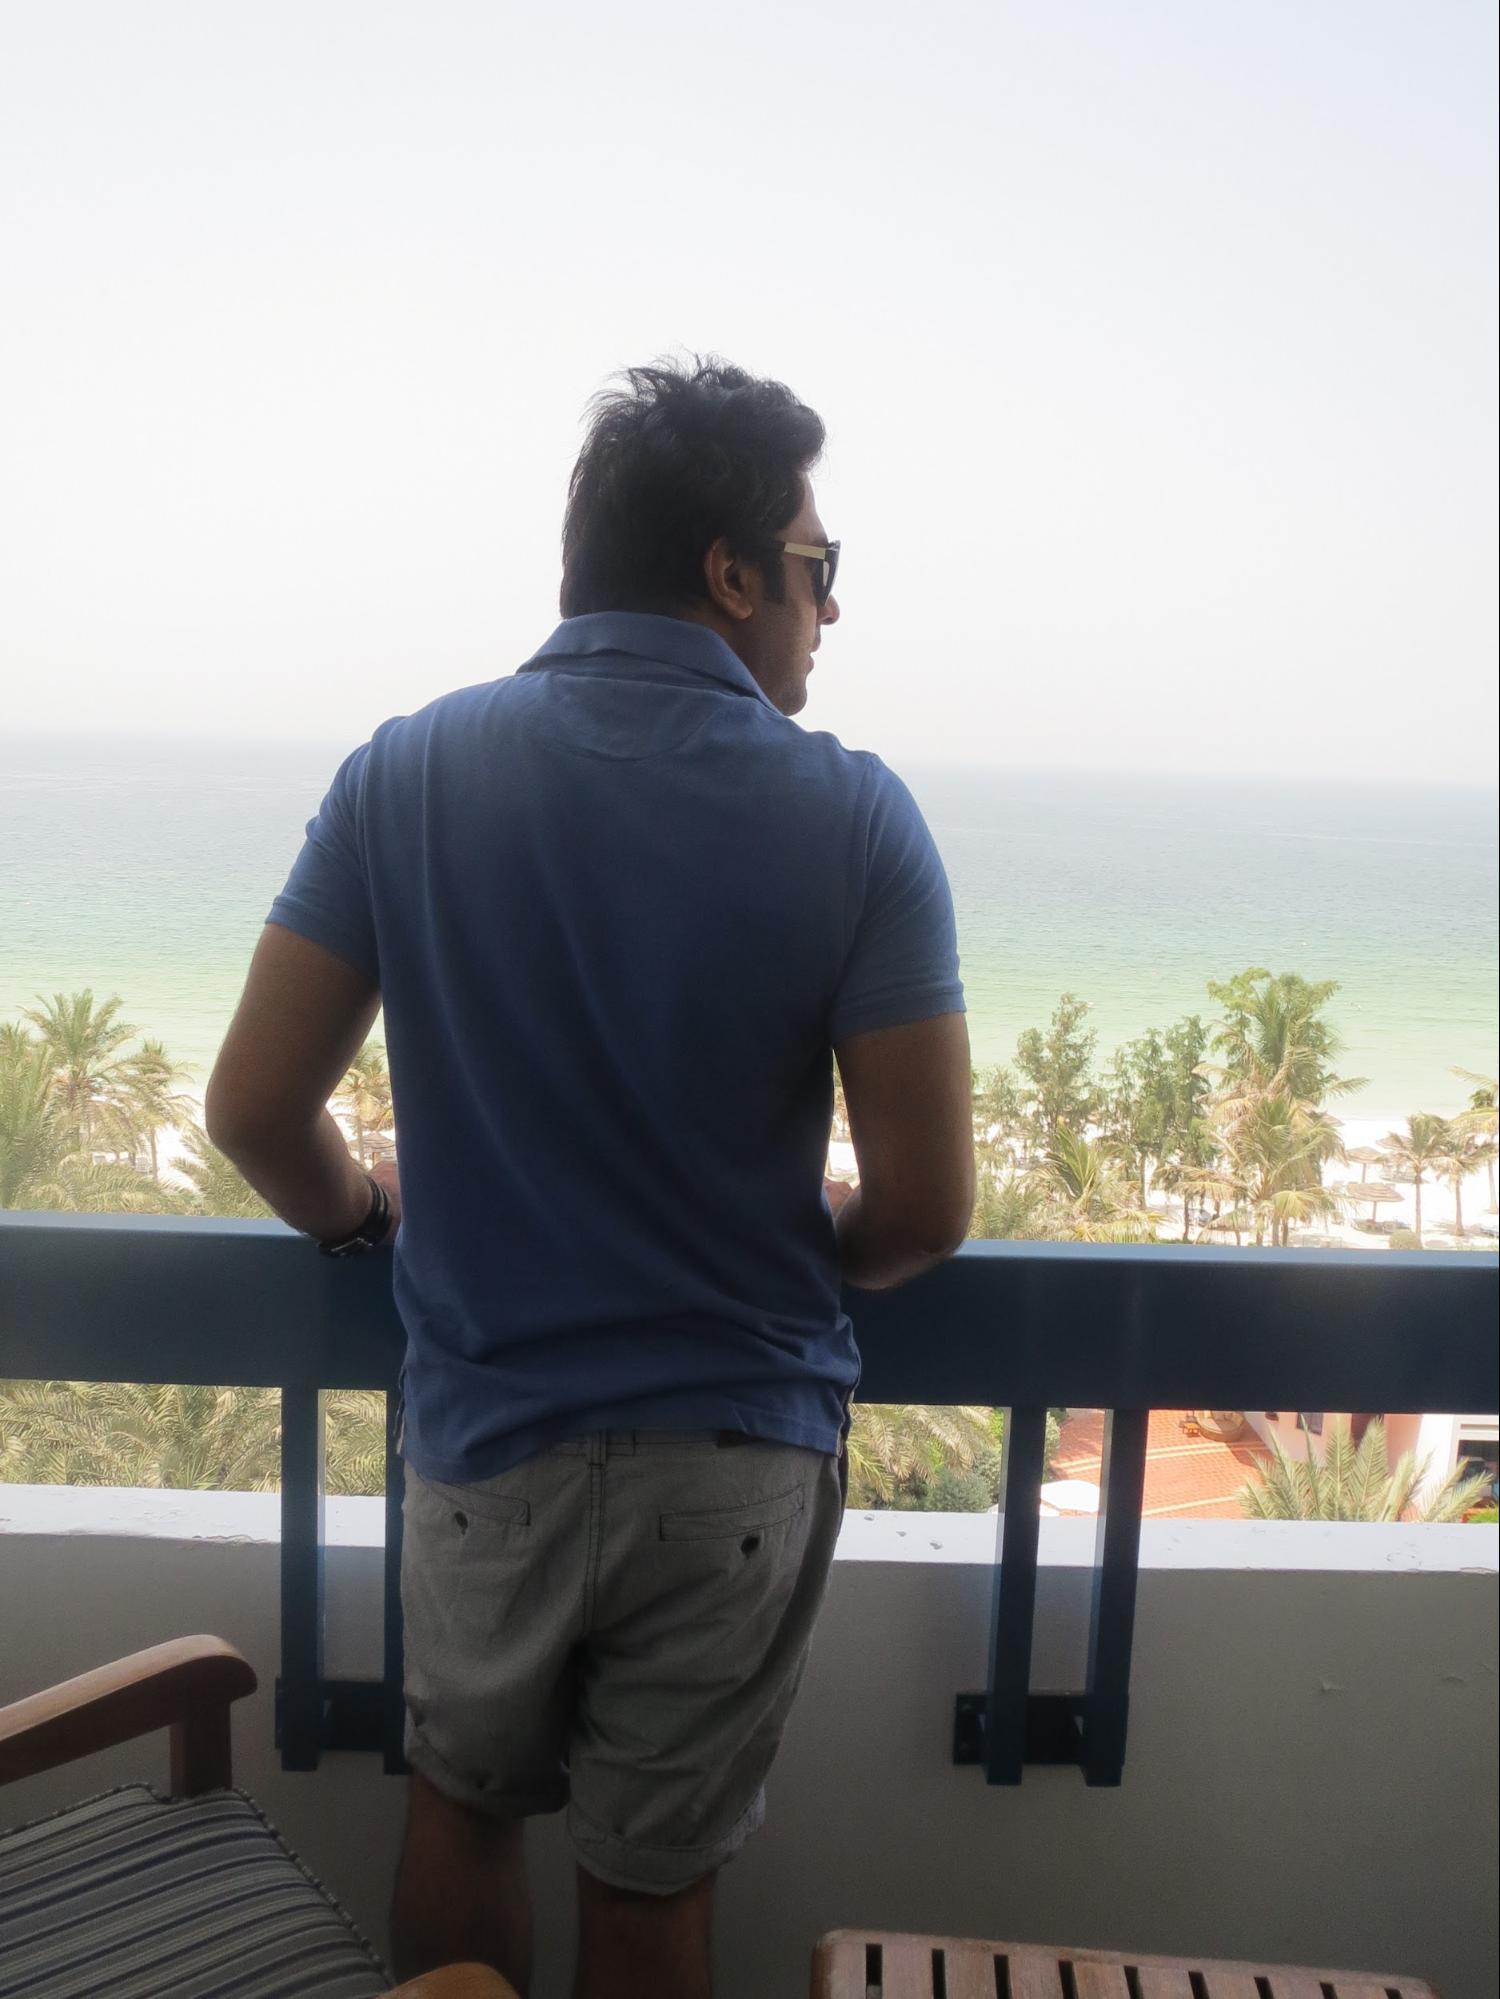 Kempinski Hotel, Ajman Review - Balcony Outside View